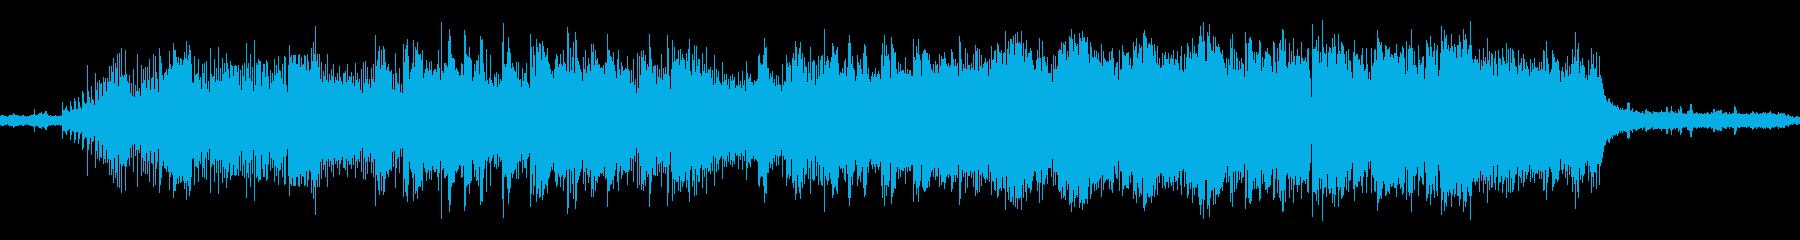 パレードの再生済みの波形